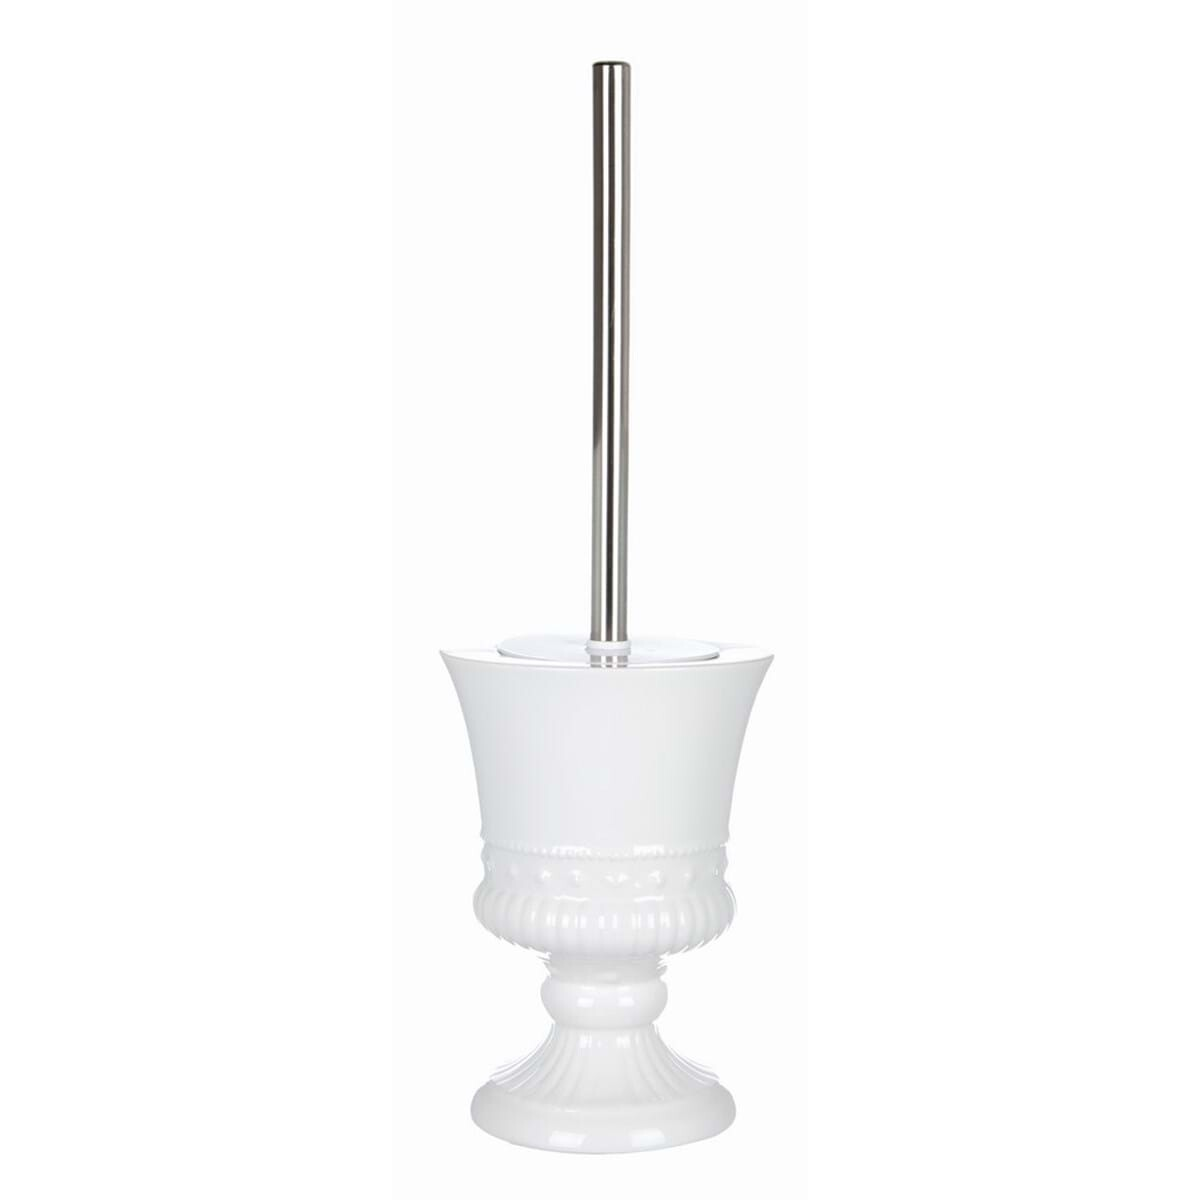 Spazzolino per Wc in Ceramica Bianco 13x13x17cm Blanc Mariclò